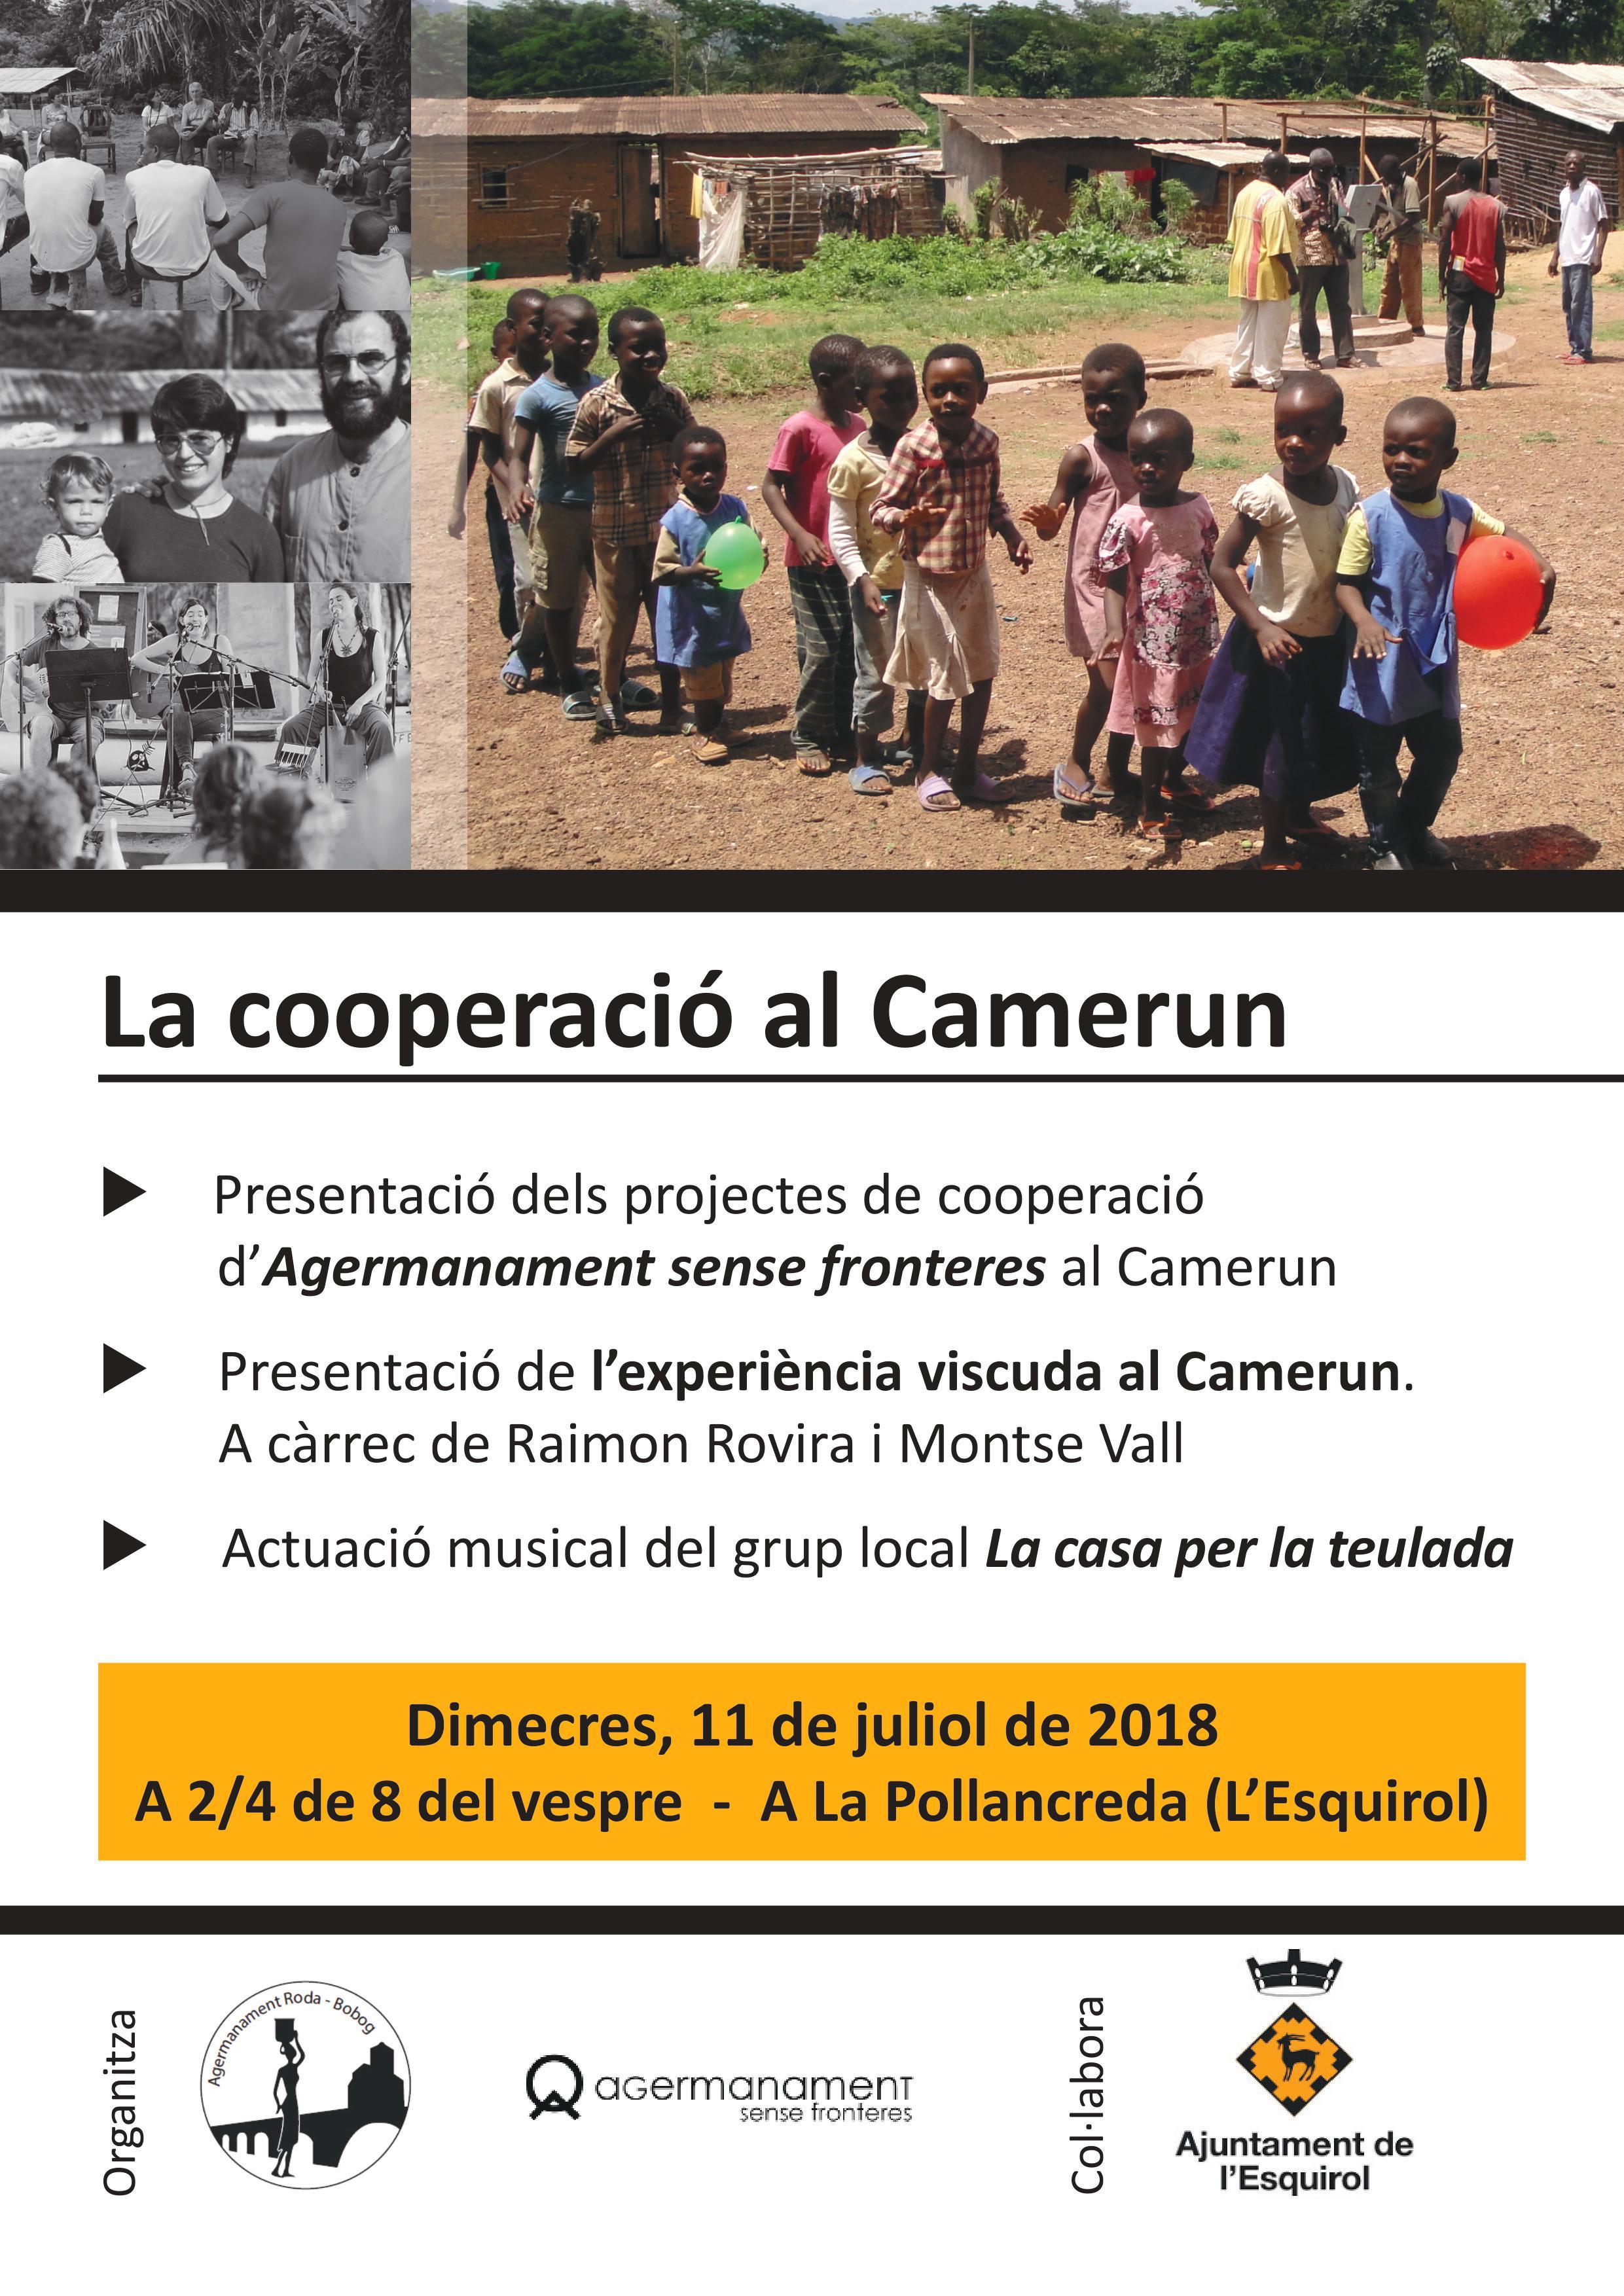 cartell cooperació al Camerun